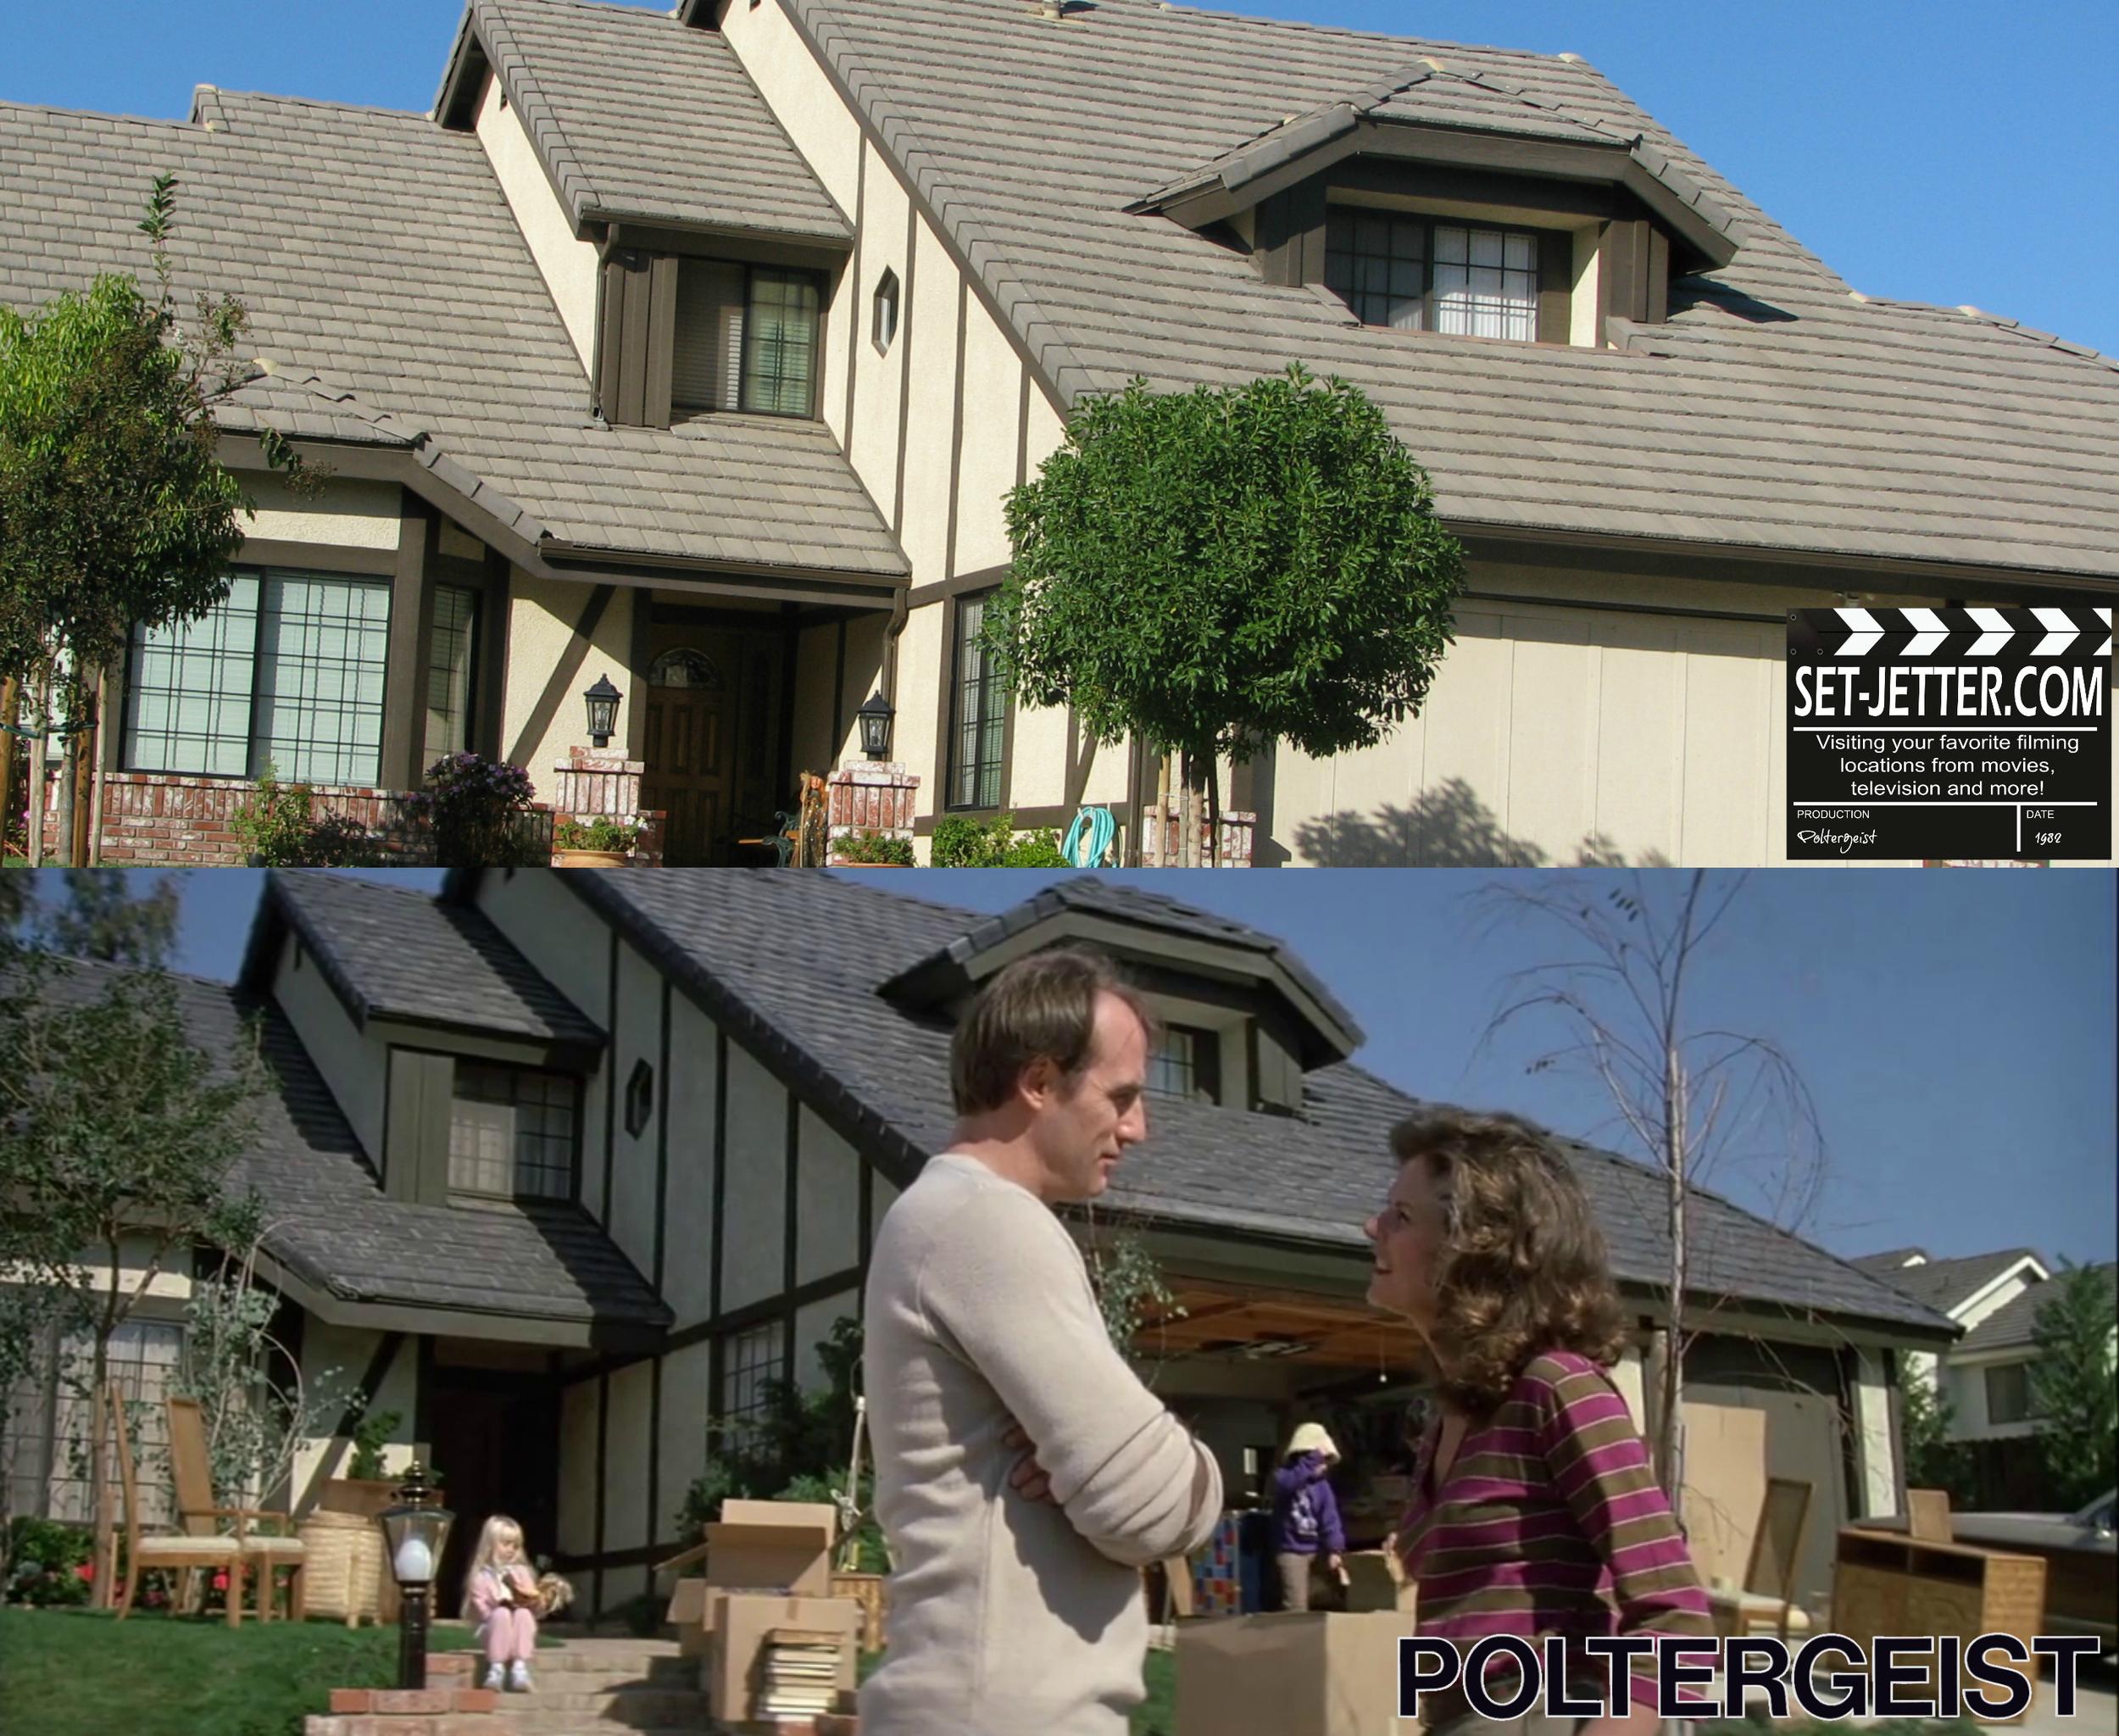 Poltergeist comparison 60.jpg